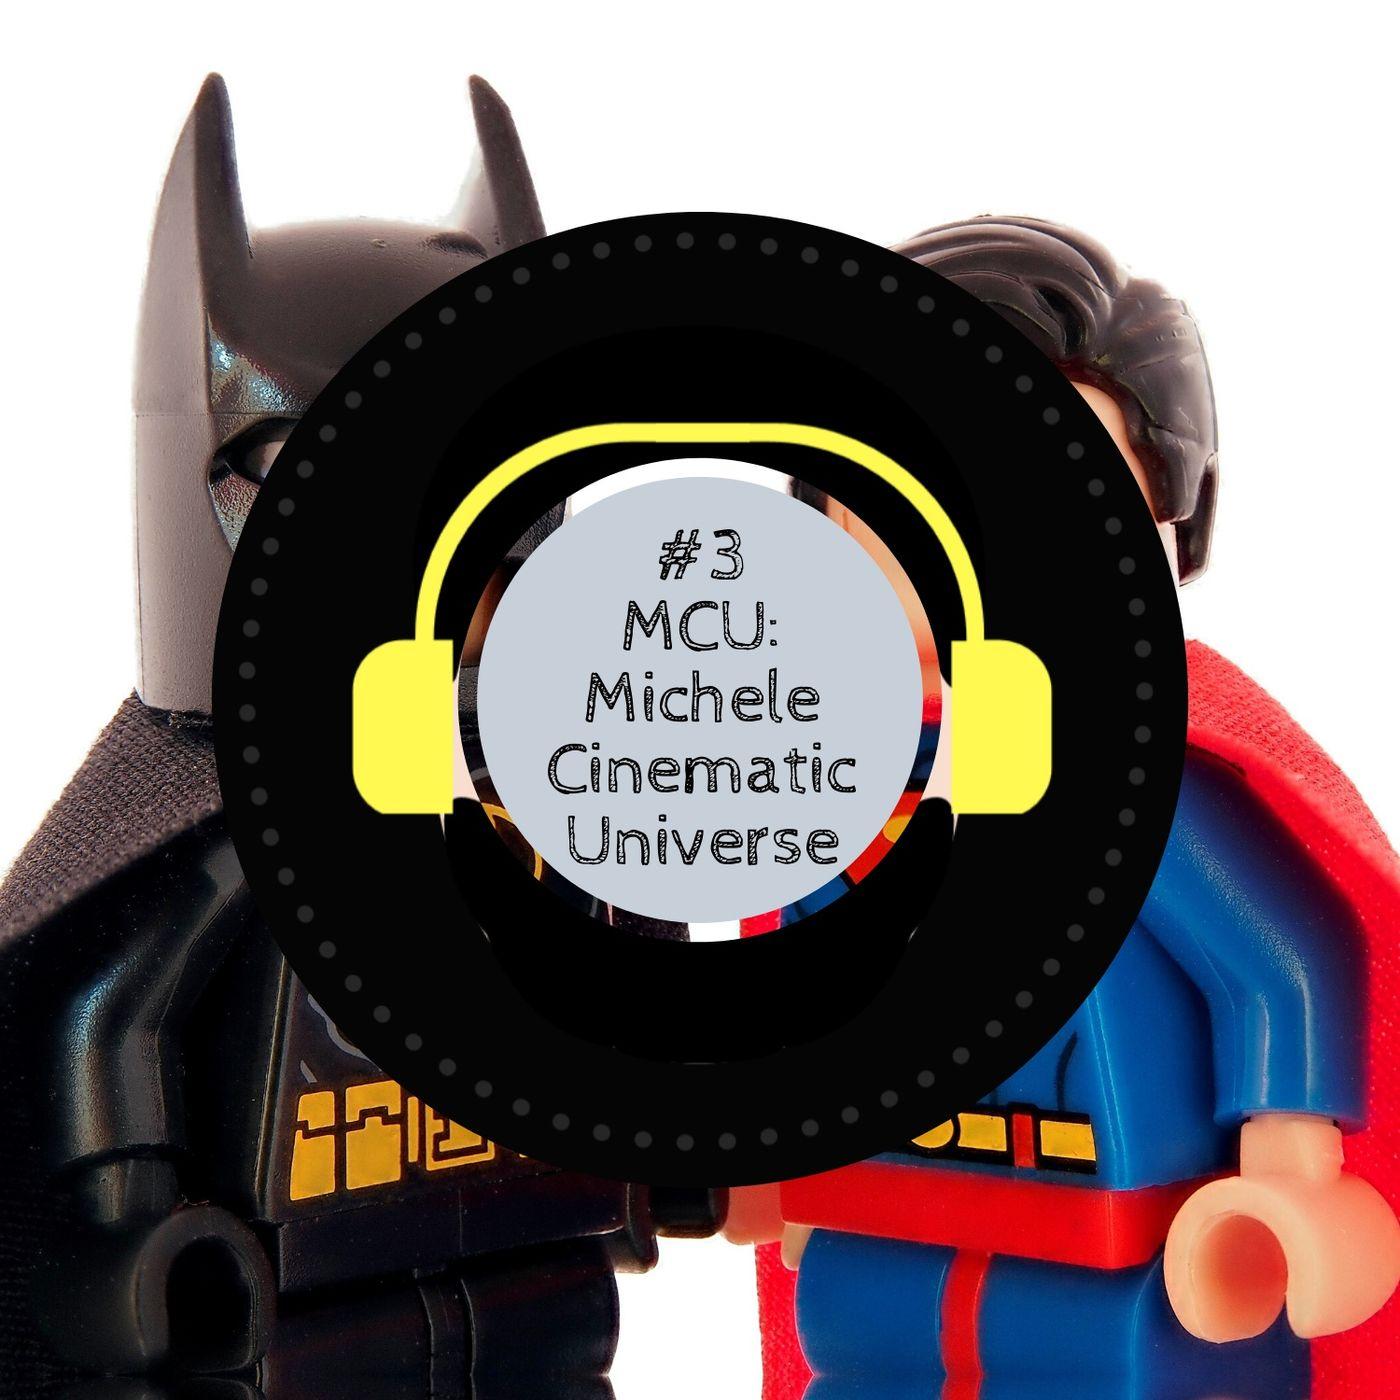 #3 - MCU: Michele Cinematic Universe